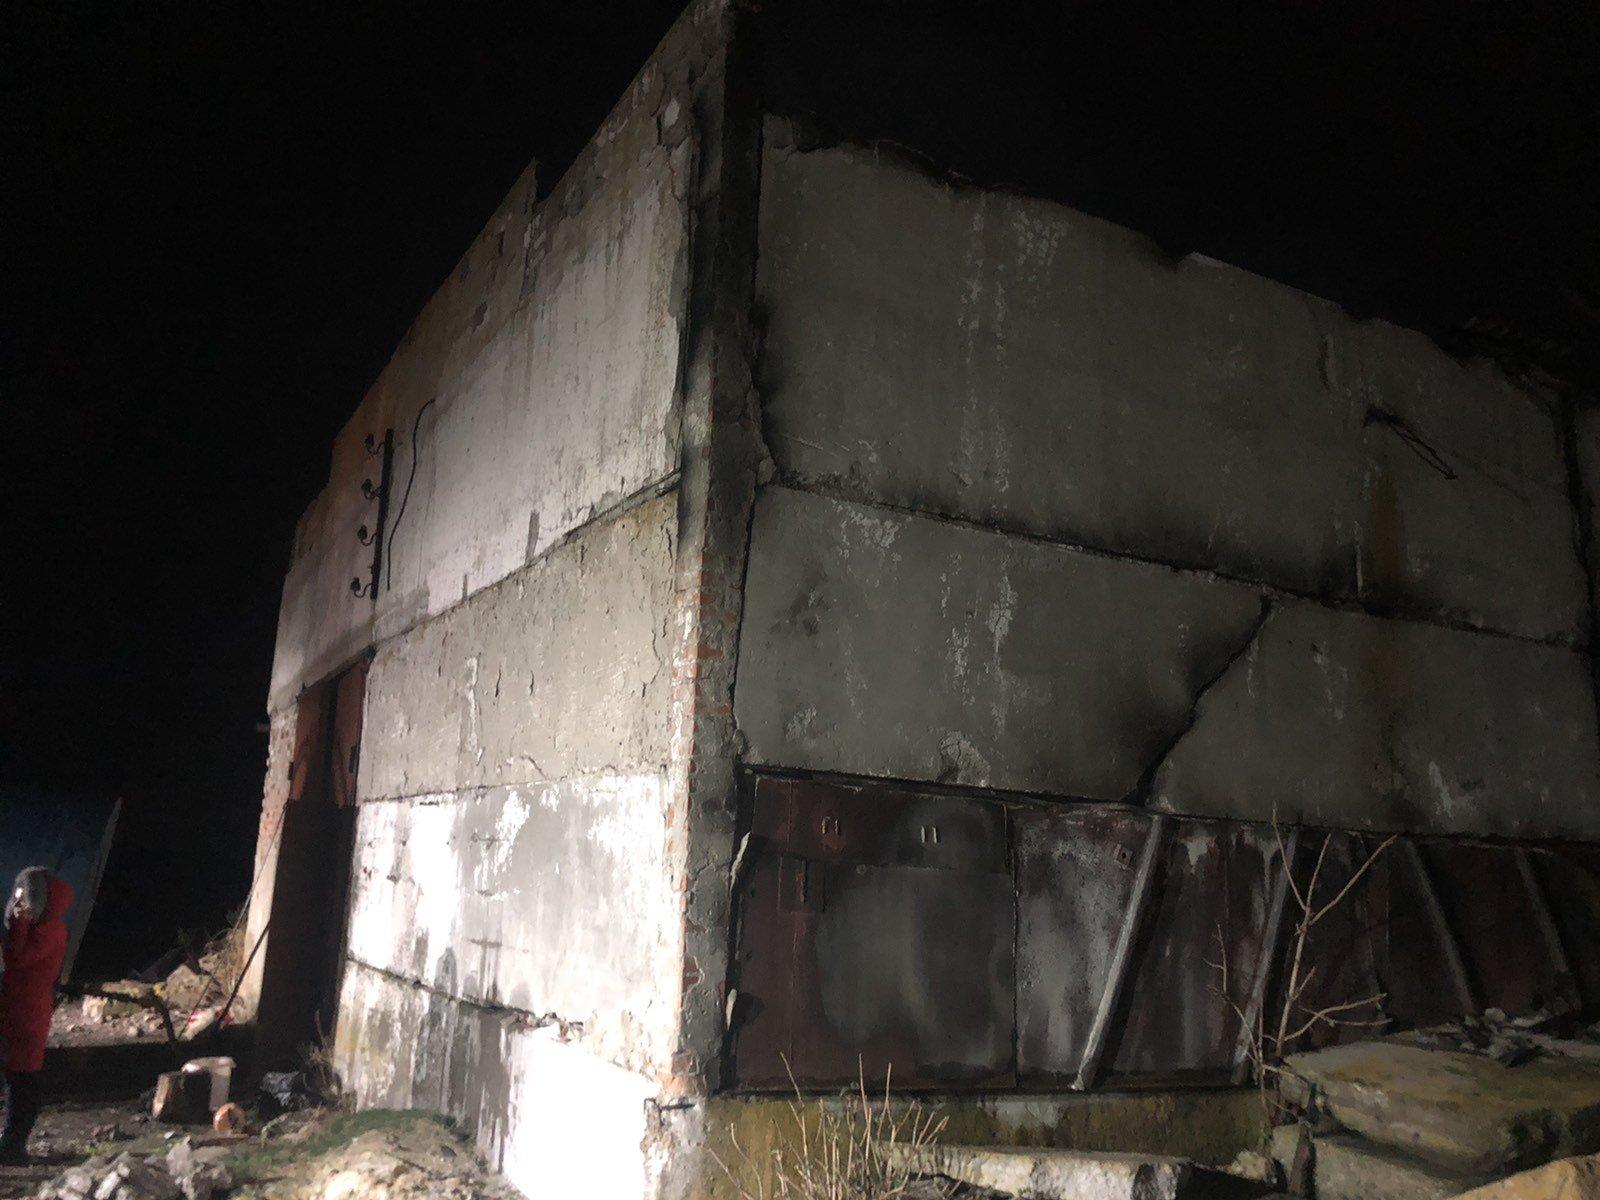 На Харьковщине горел склад с зерном (фото)